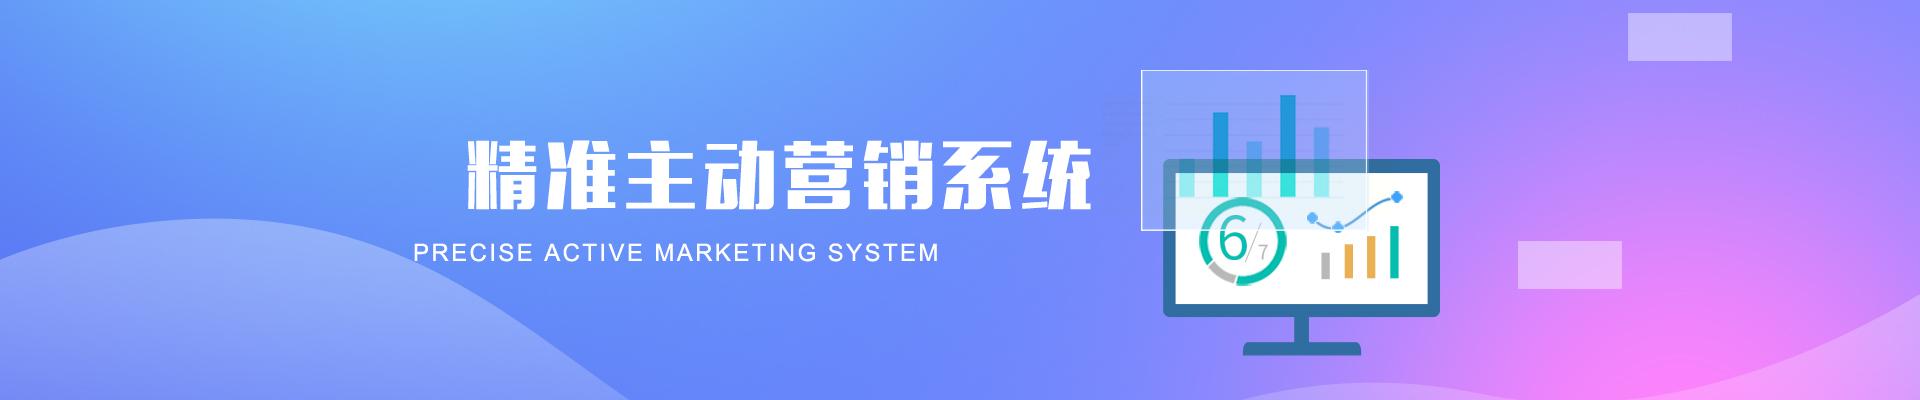 精准外贸主动营销系统